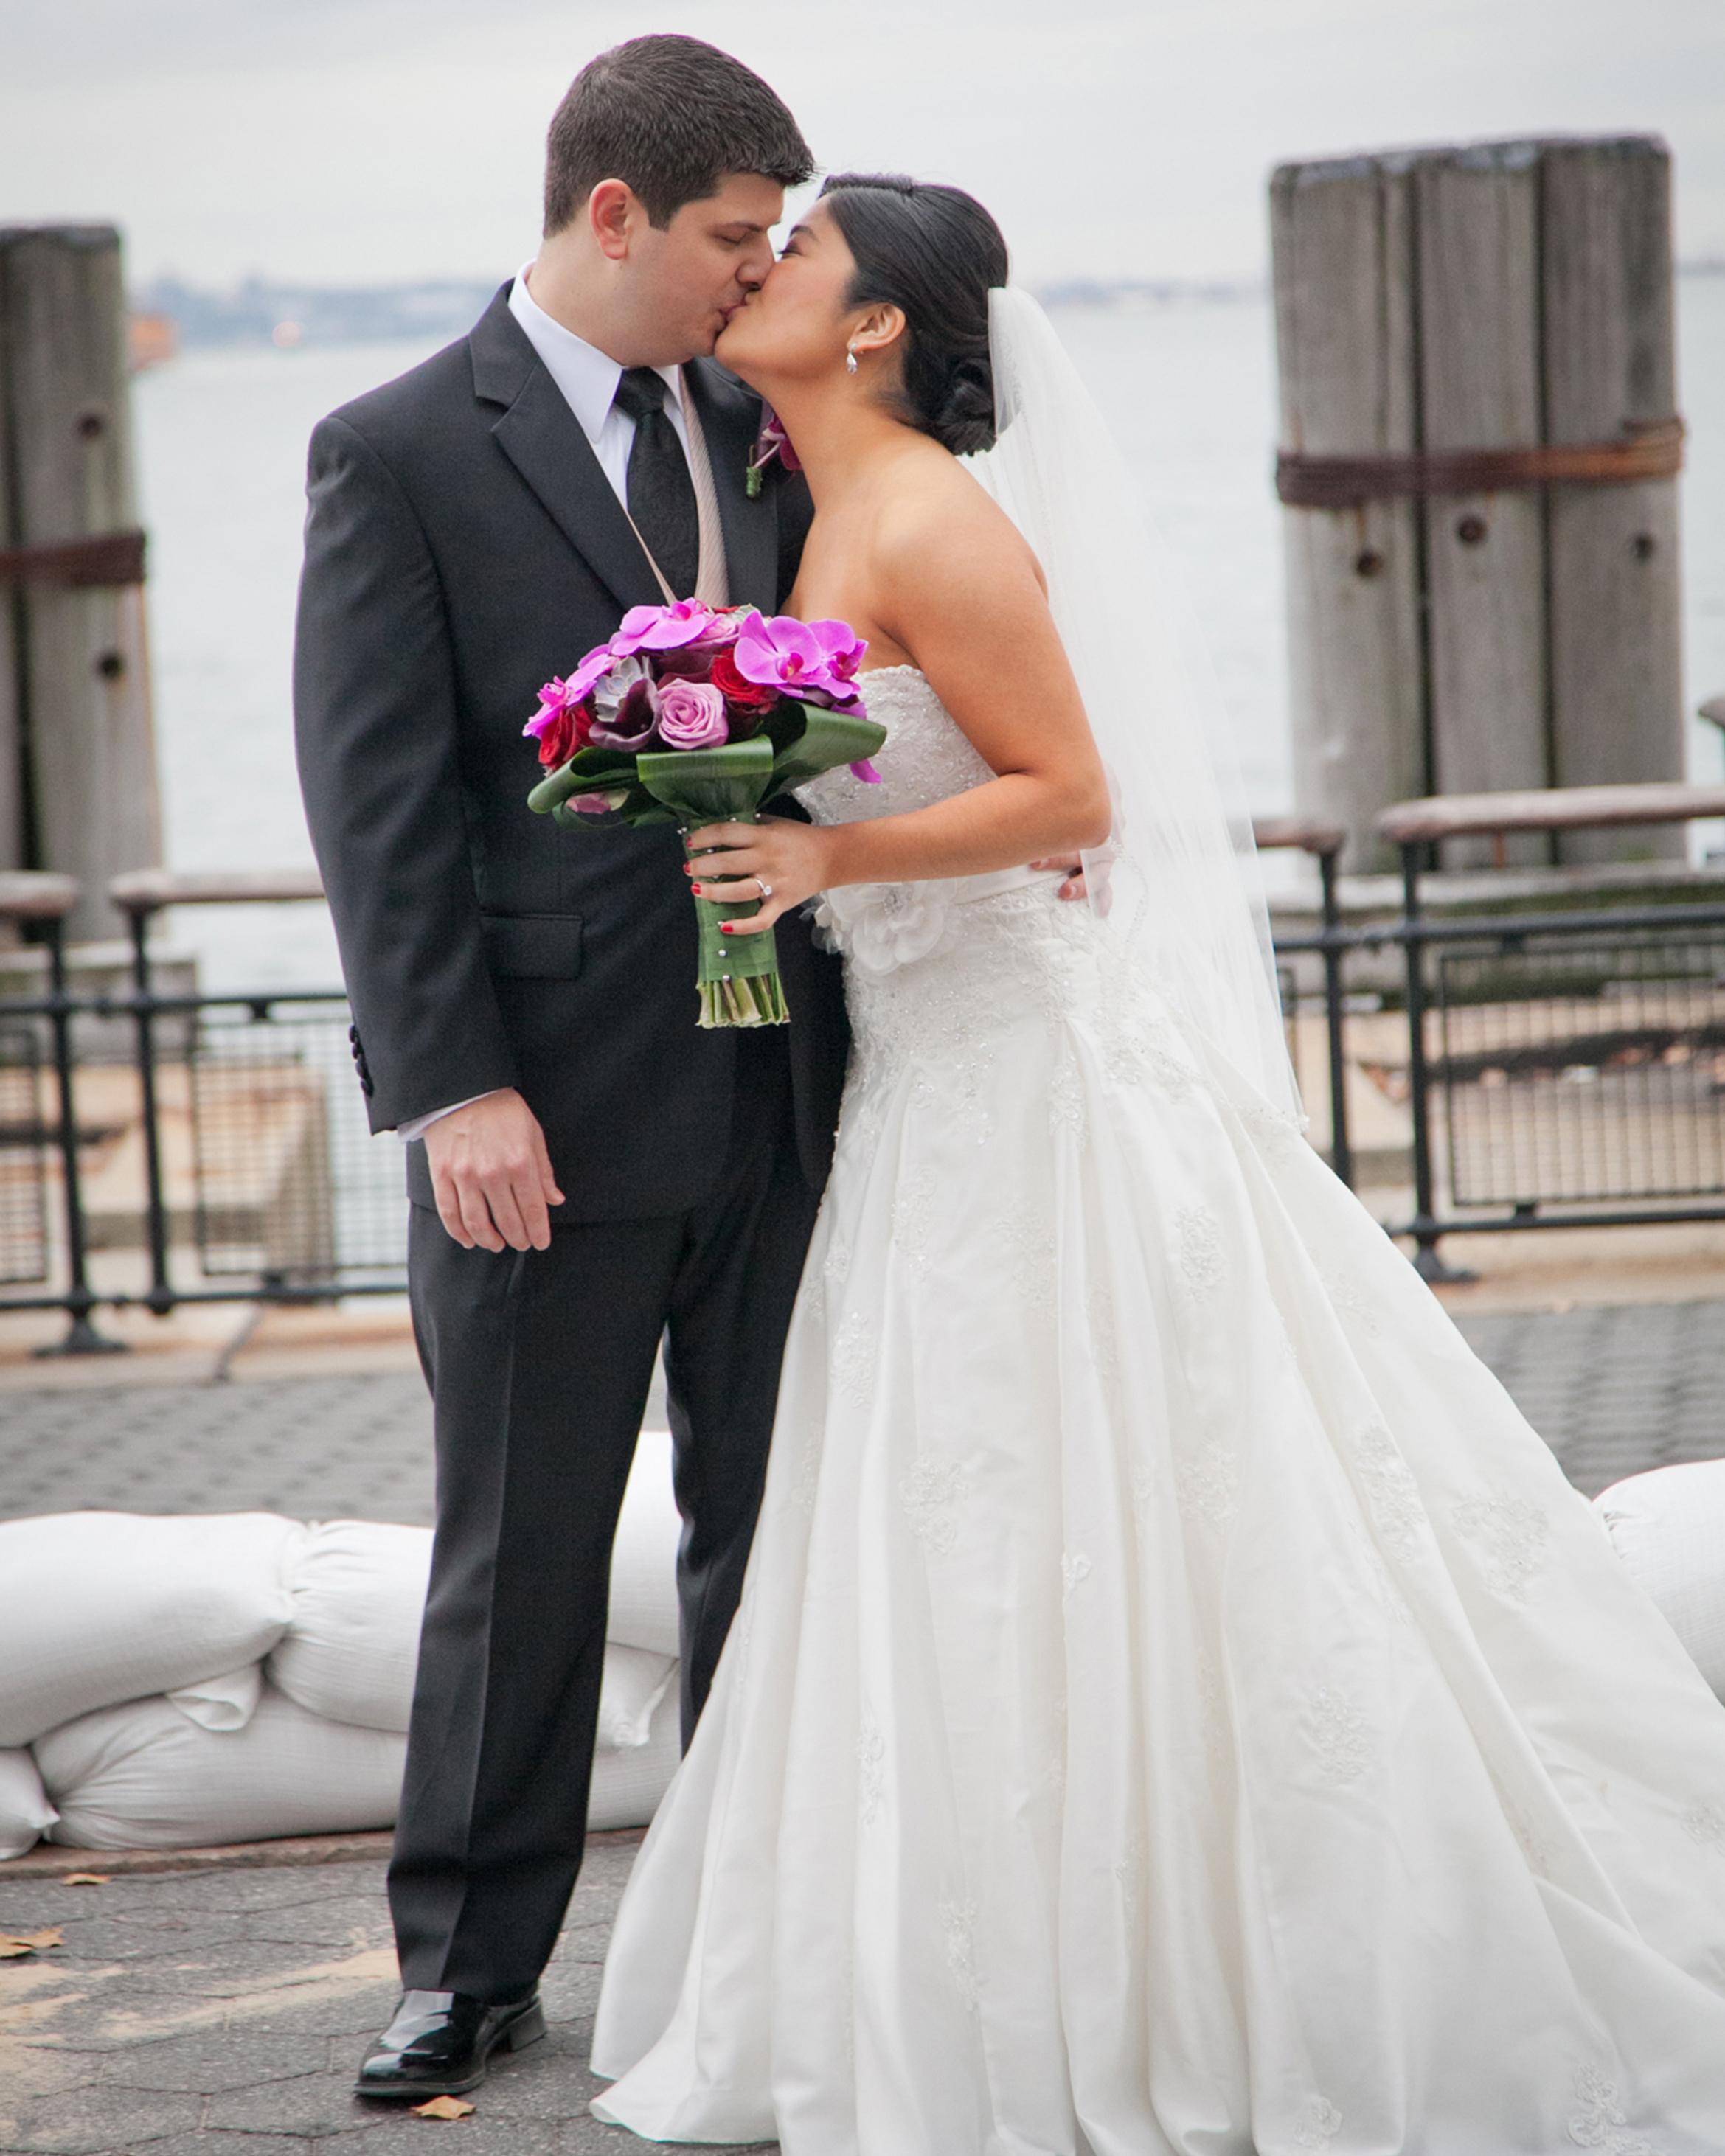 extreme-weather-wedding-8-1015.jpg